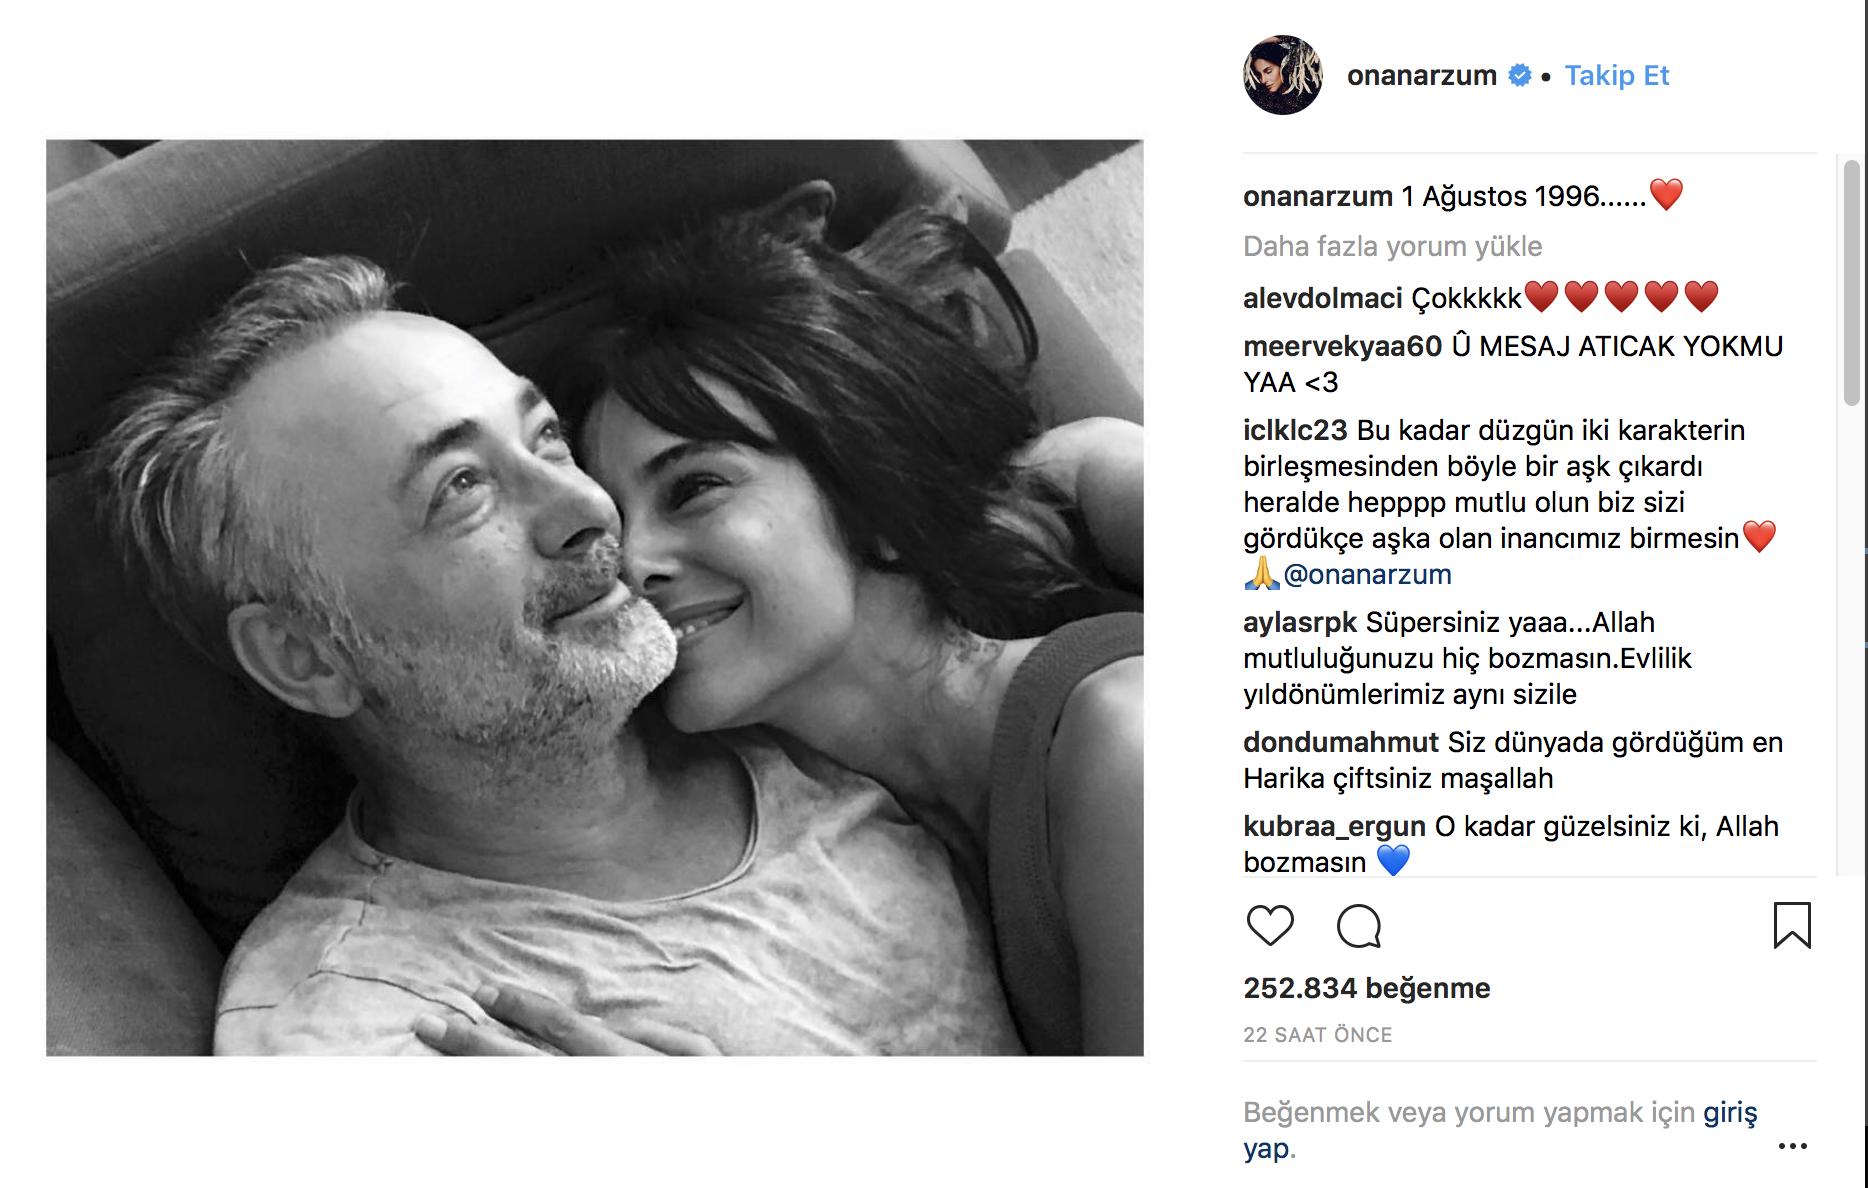 Arzum Onan-Mehmet Aslantuğ çifti evlilik yıl dönümlerini böyle kutladı